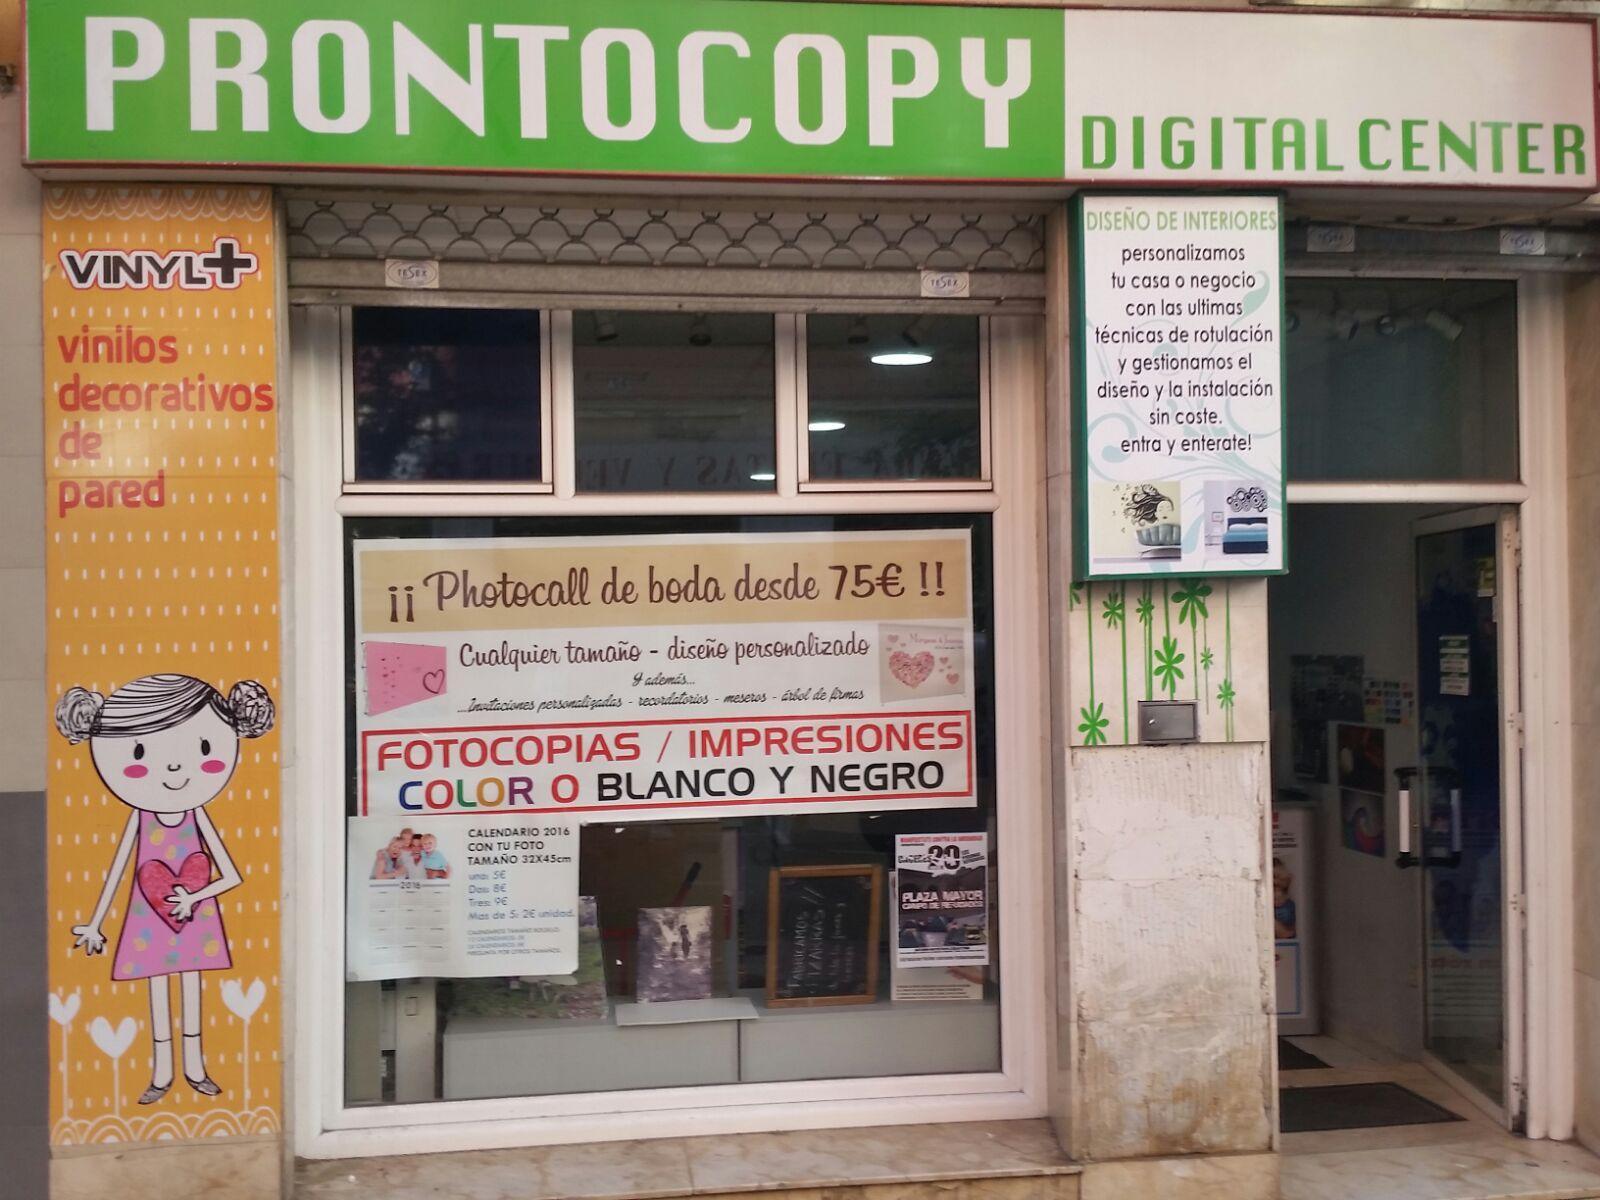 PRONTOCOPY, Fotocopias económicas en Cáceres, Rótulos baratos en Cáceres, Ploter en Cáceres